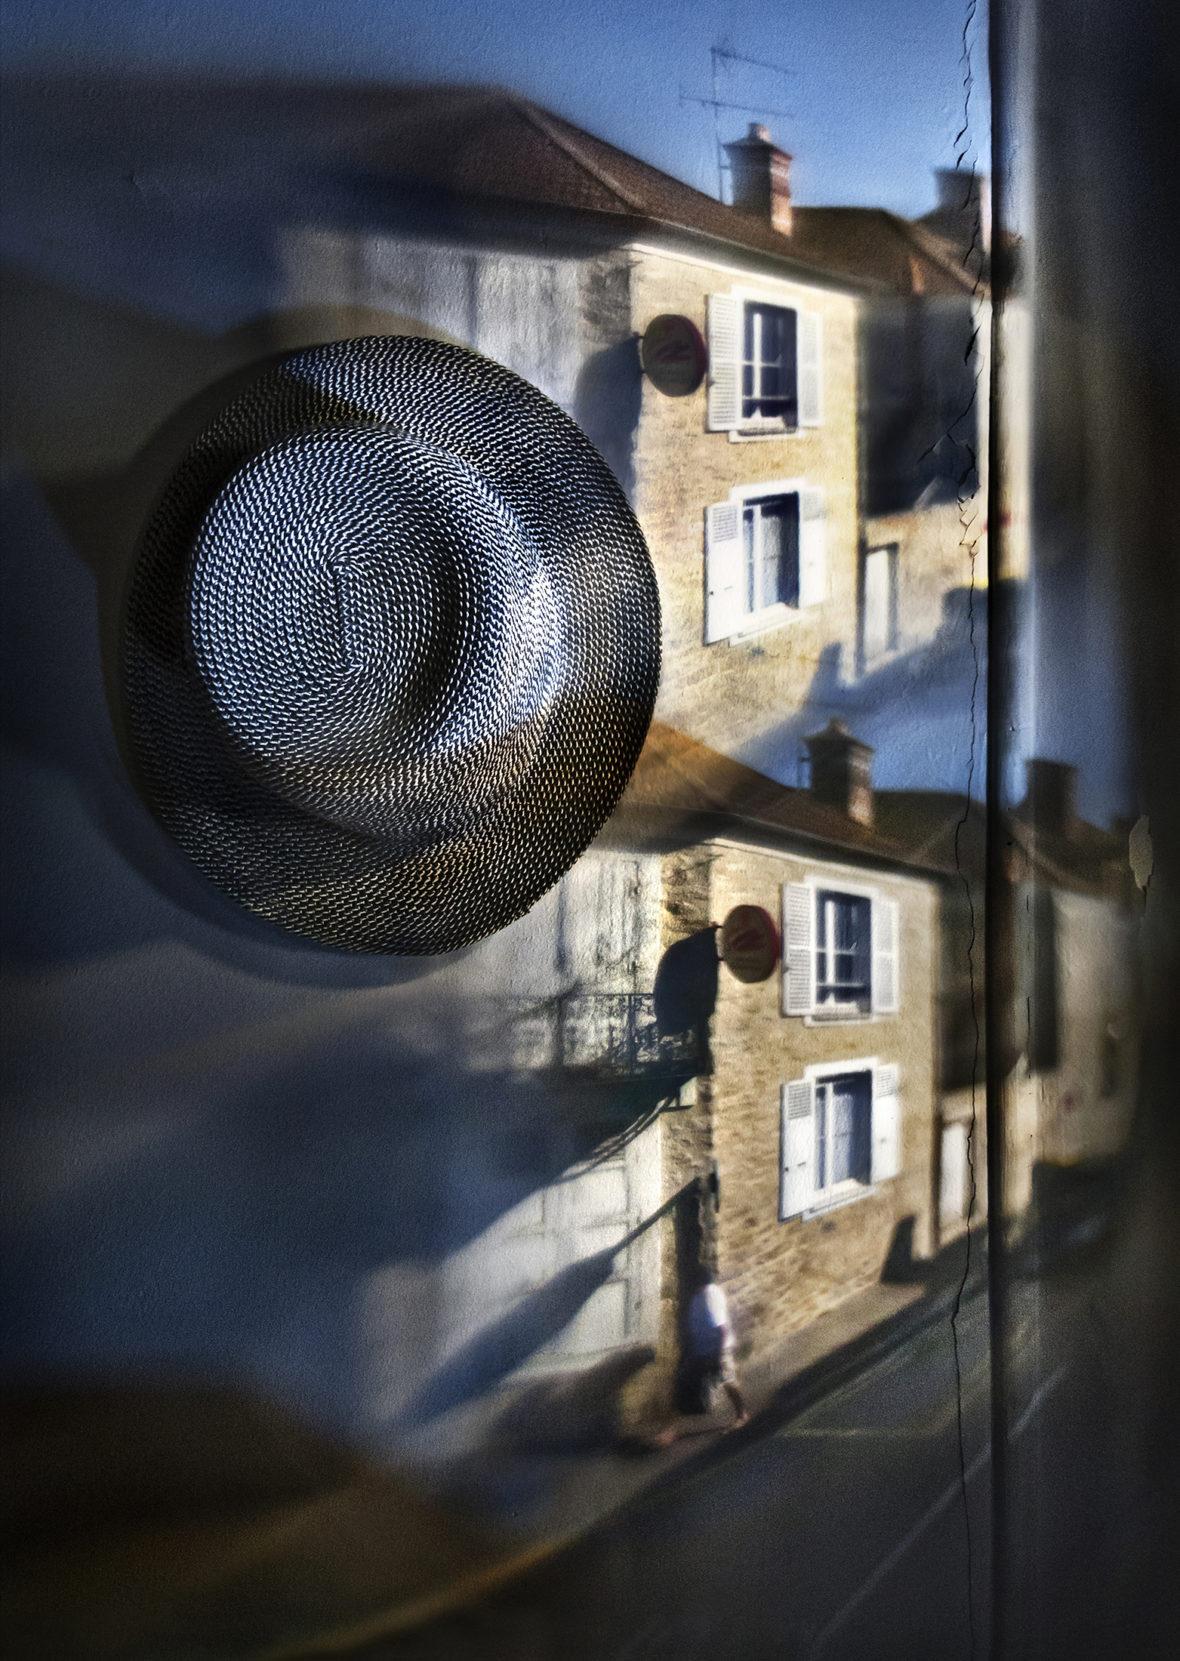 Strindbergin huoneissa 5, 2017/ hommage á Fernando Pessoa